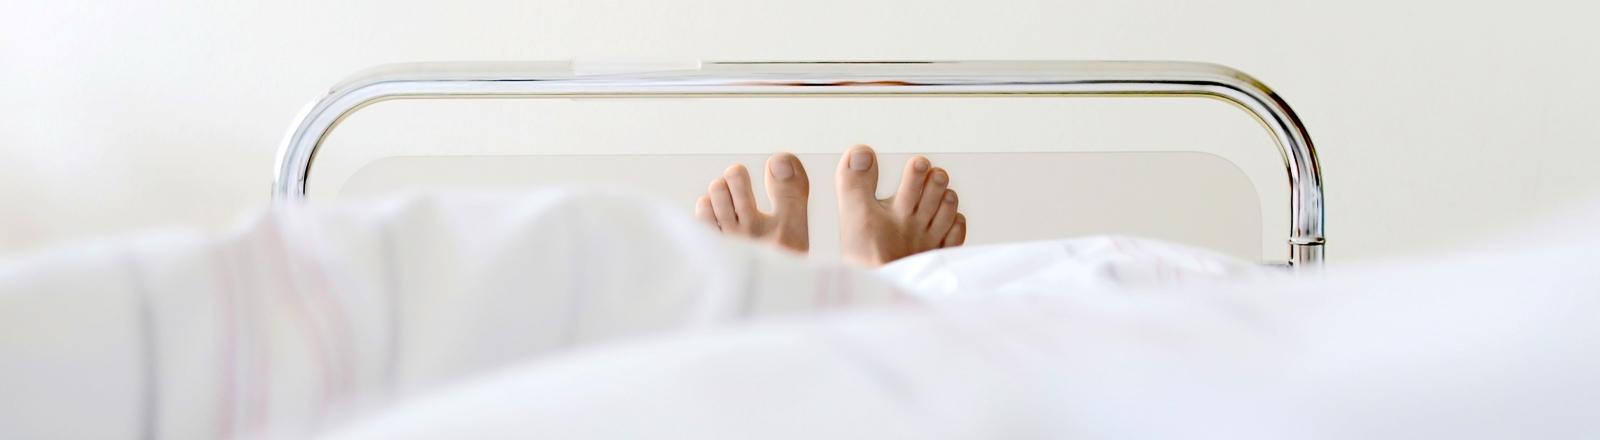 Zwei Füße schauen unter einer Decke heraus, die Person liegt in einem Krankenbett.